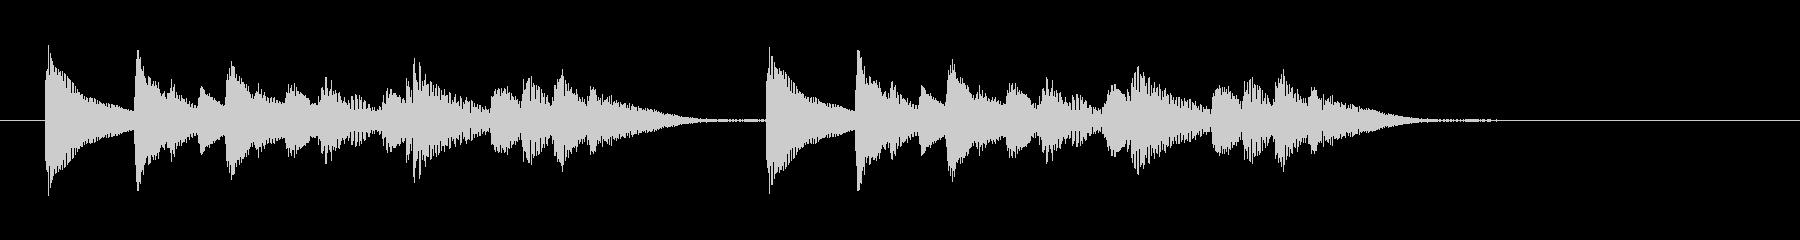 着信音のようなバンブー木琴のジングルの未再生の波形